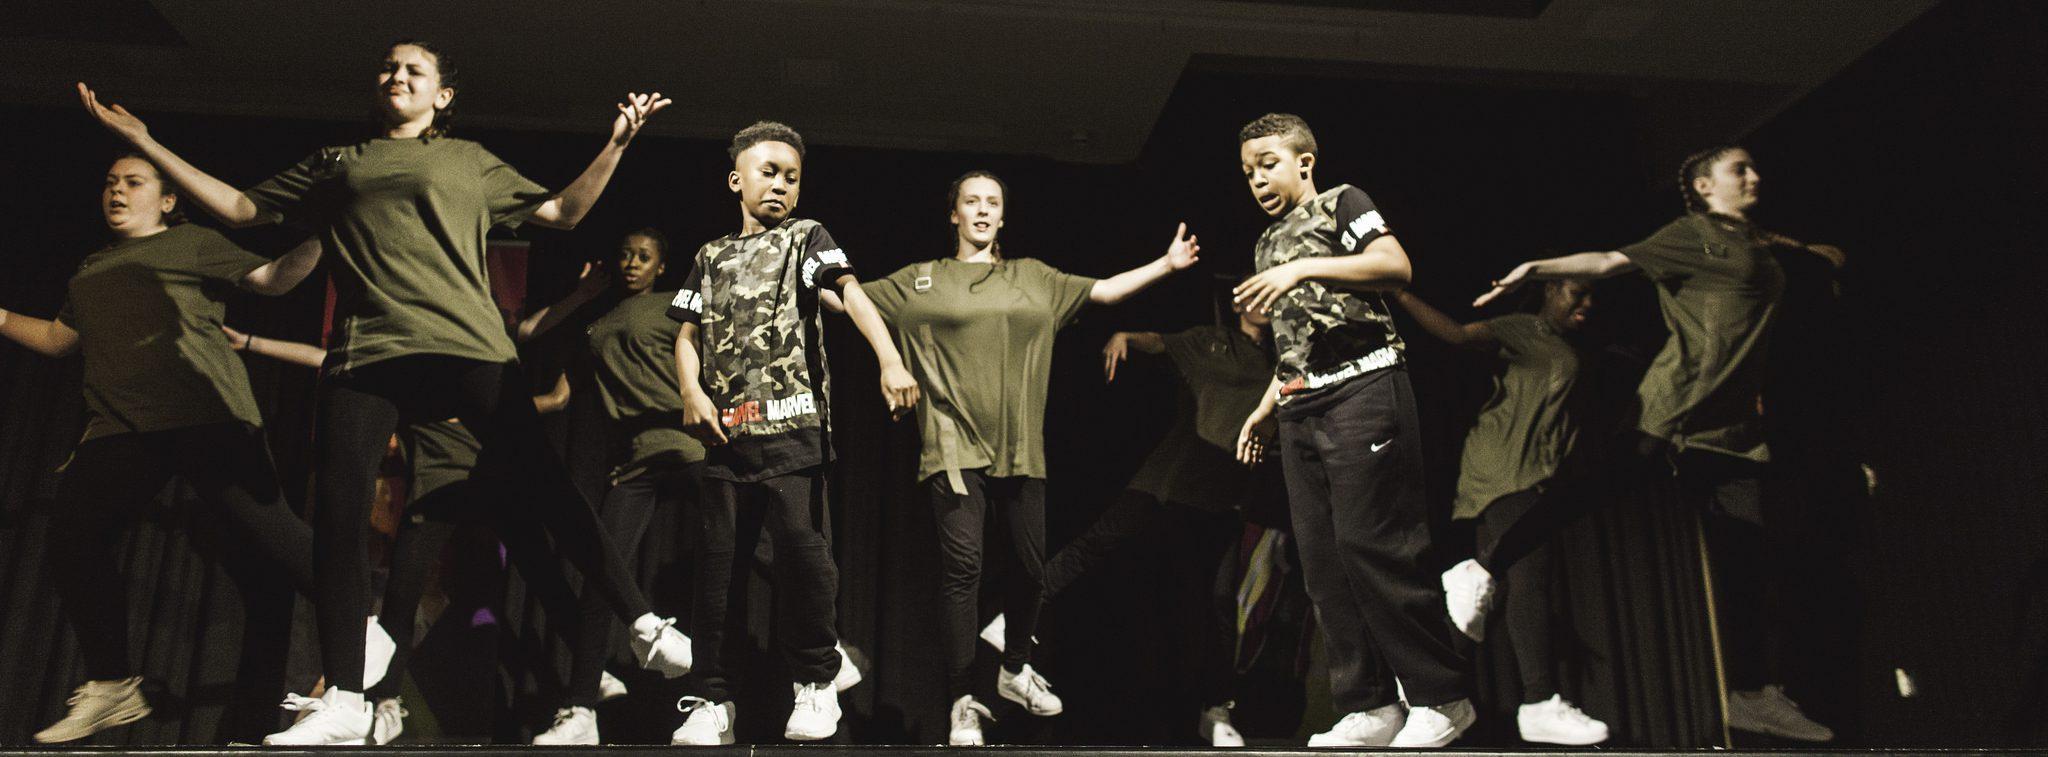 Dancing at London Youth Awards